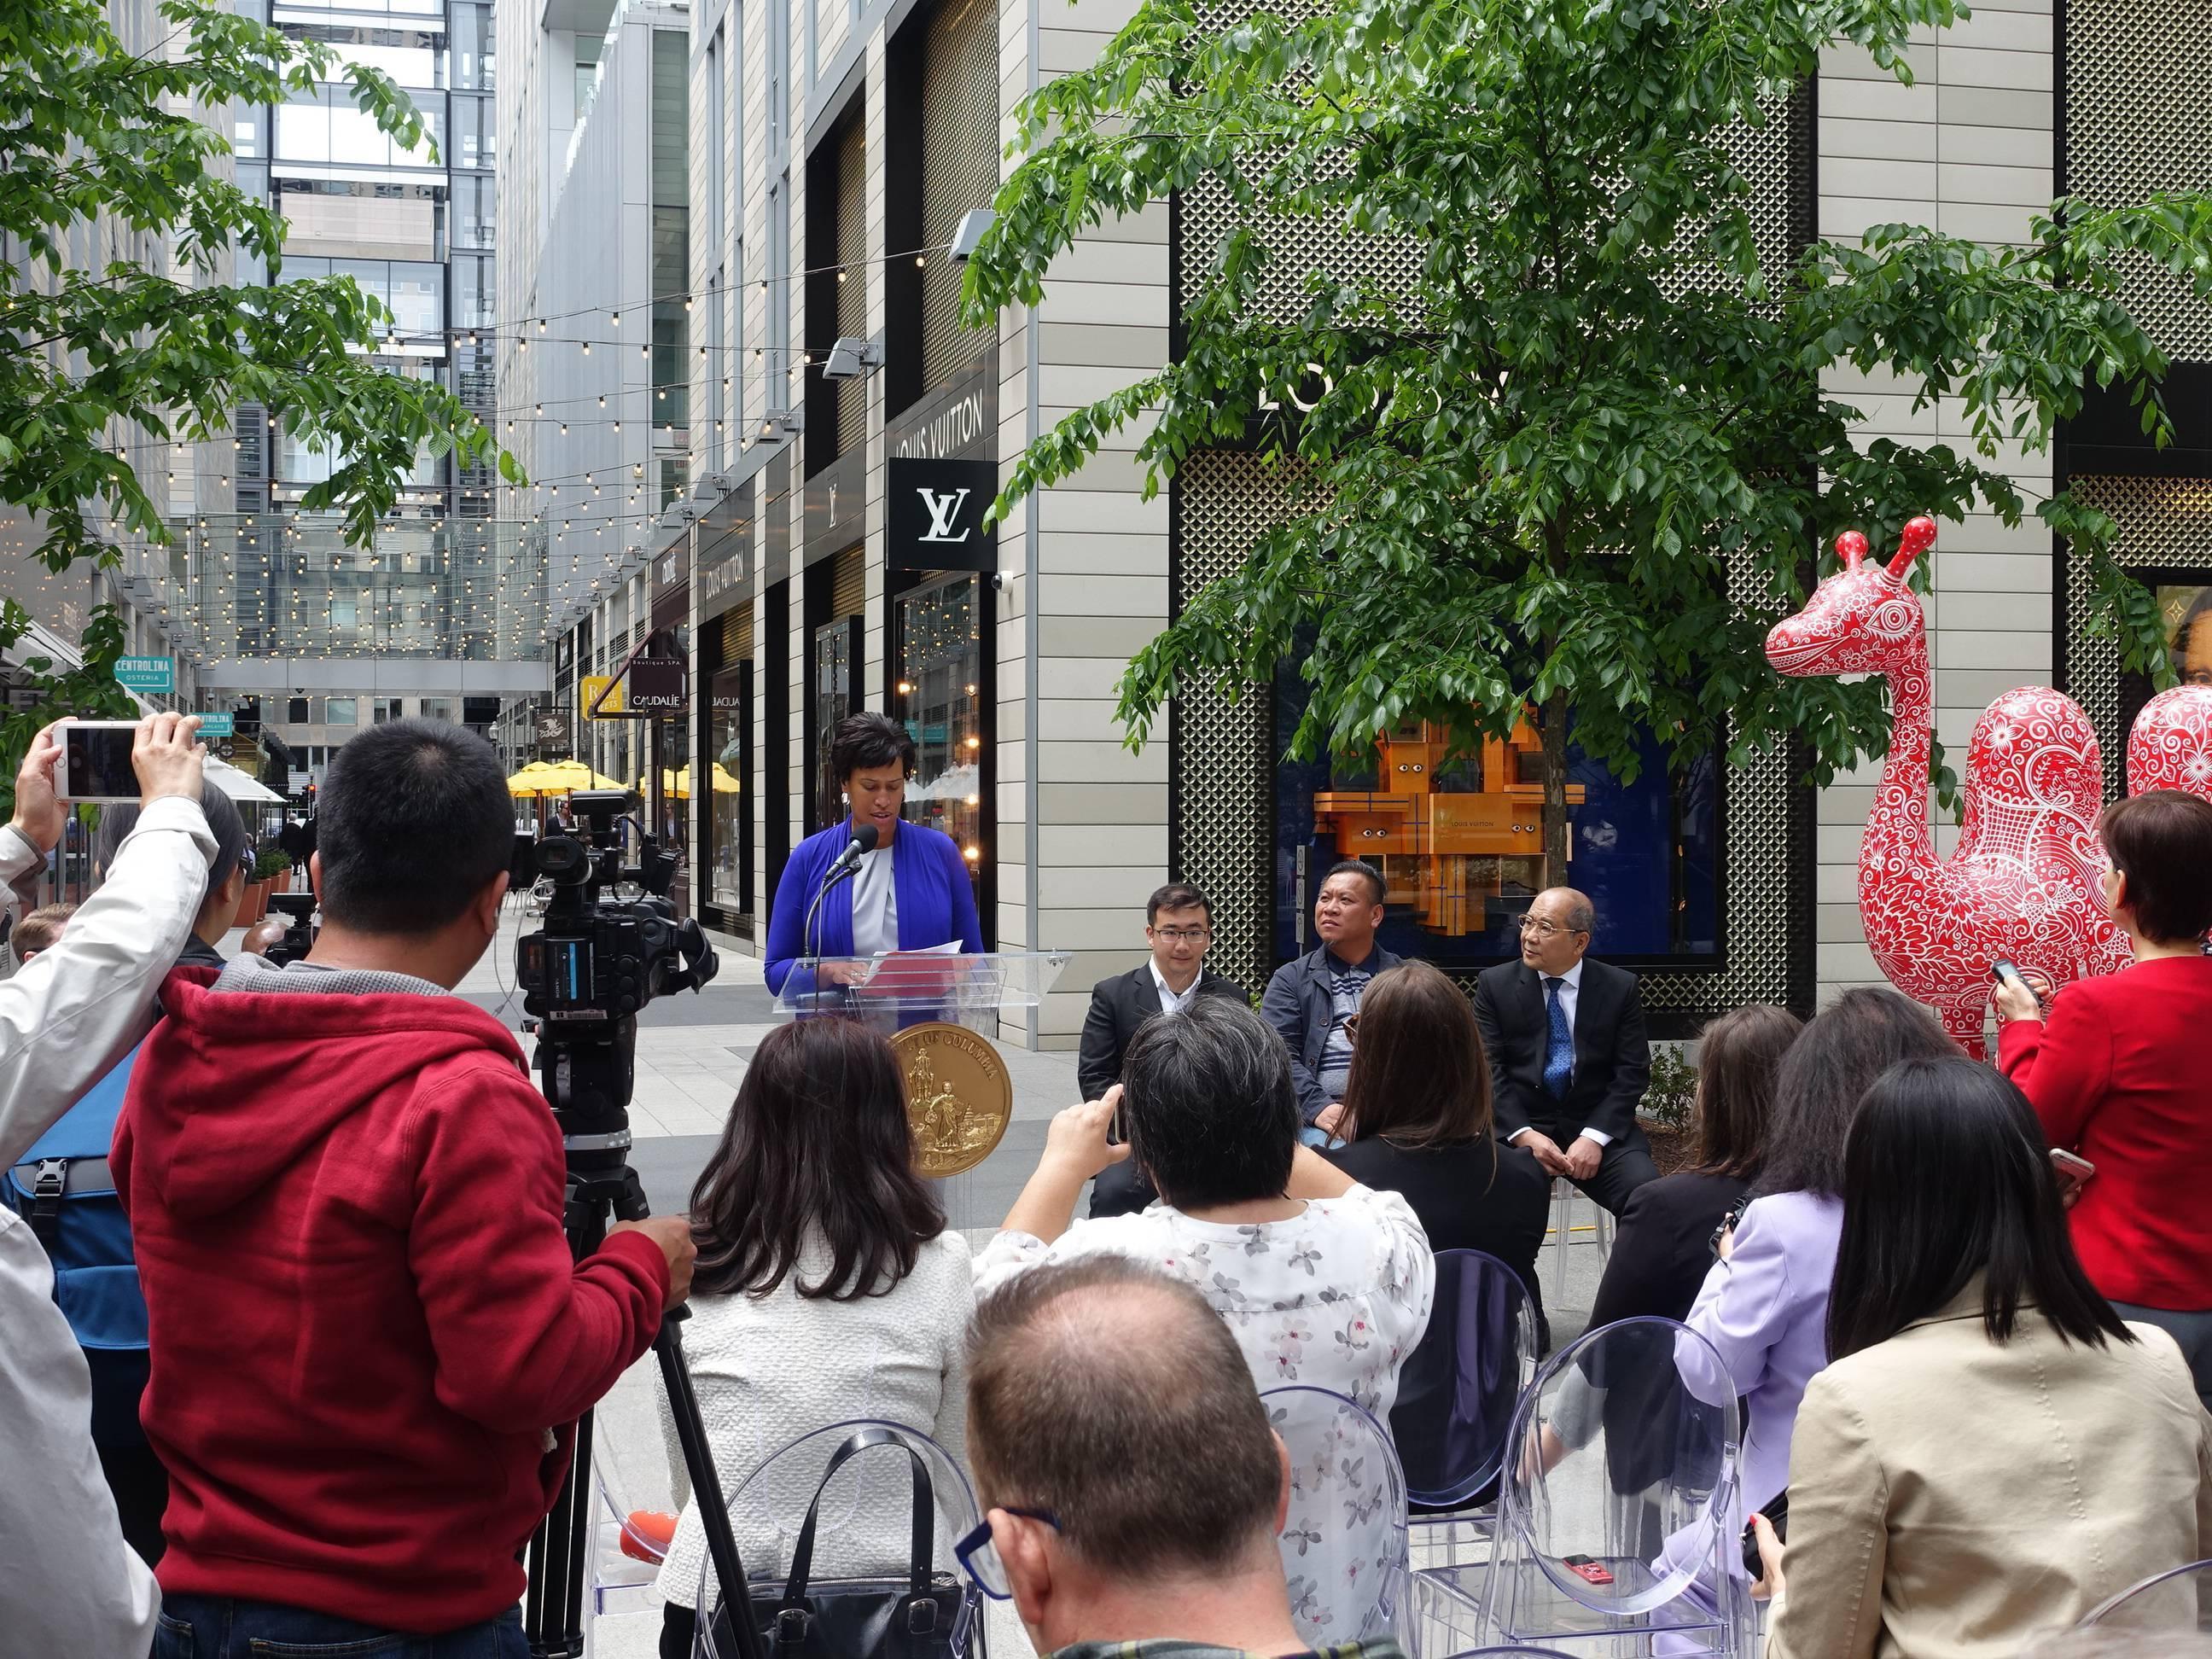 華盛頓DC市市長 Muriel Bowser 在花漾動物嘉年華為開幕式致詞。